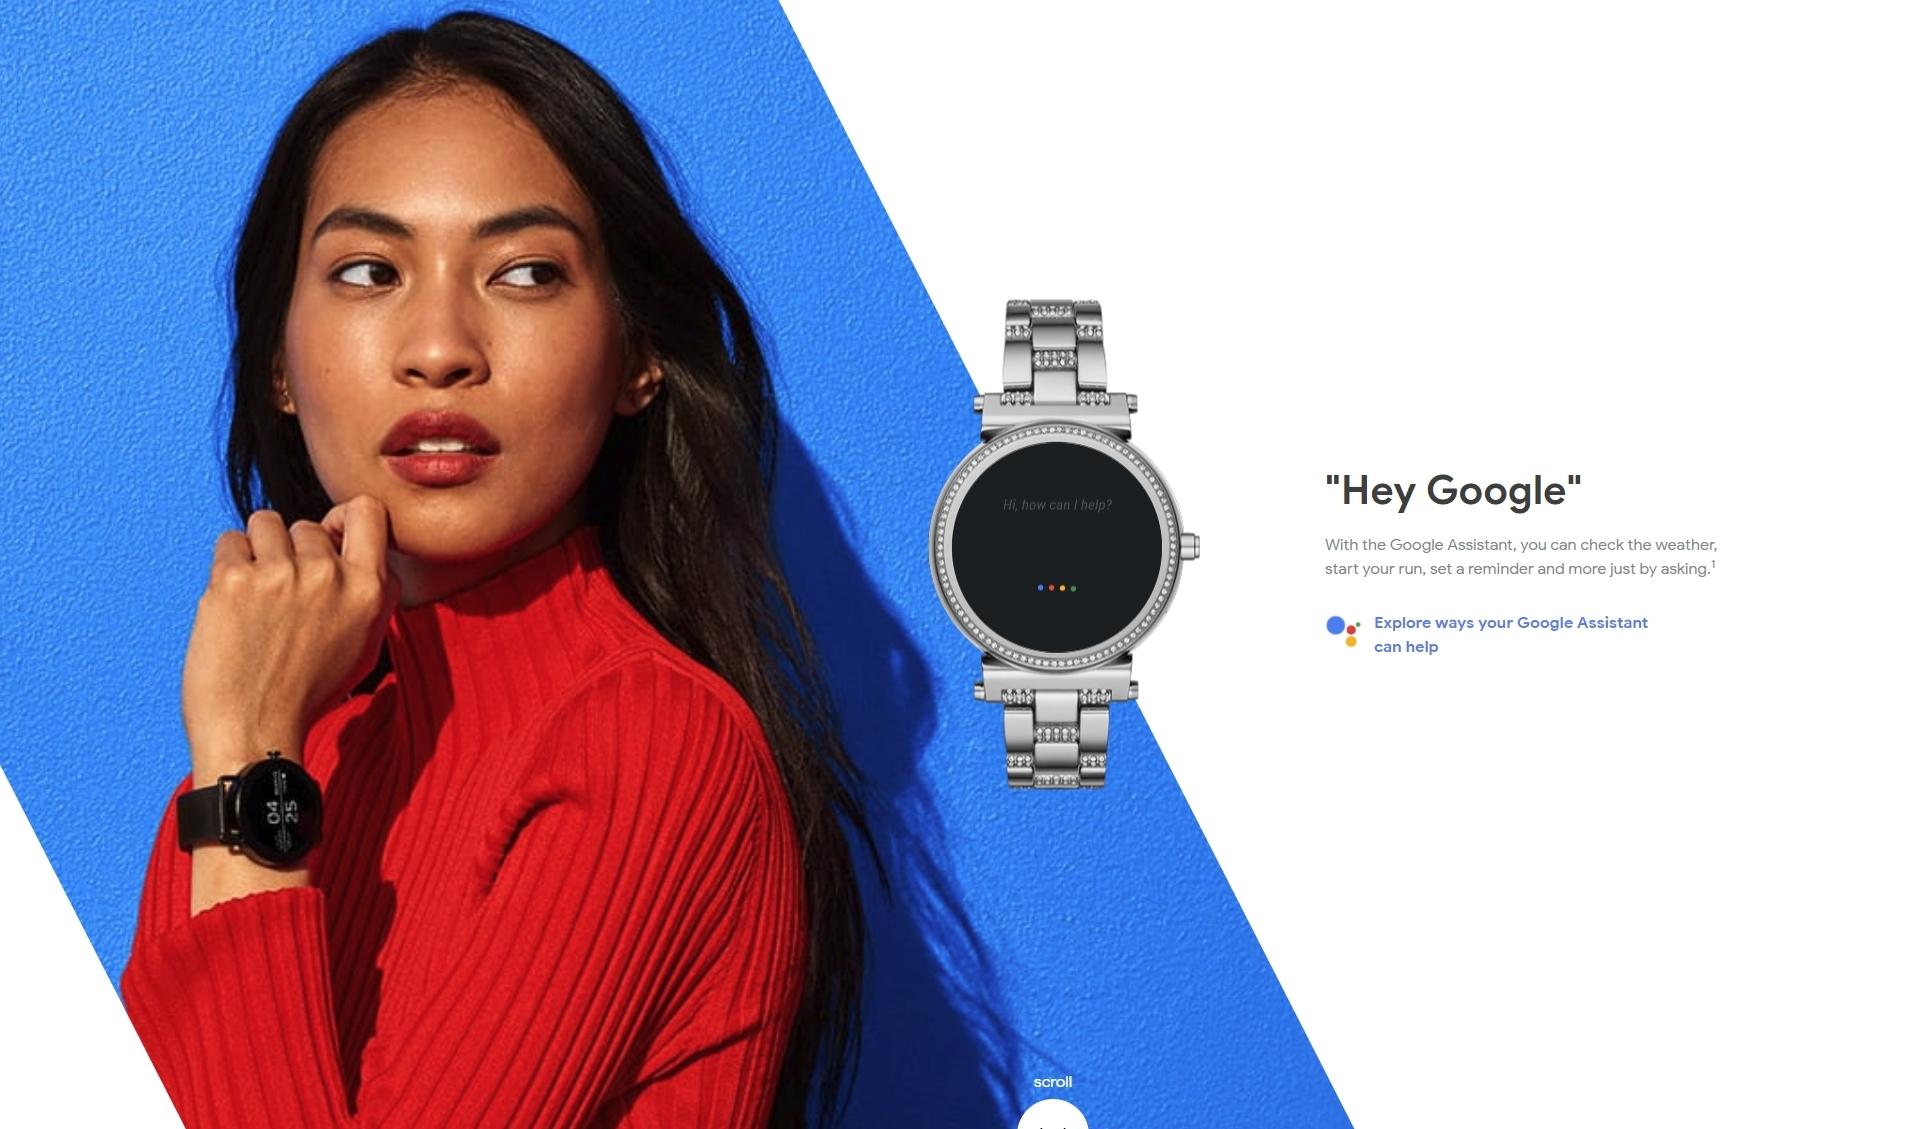 Nå kommer Wear OS, men kommer det nye klokker, også?